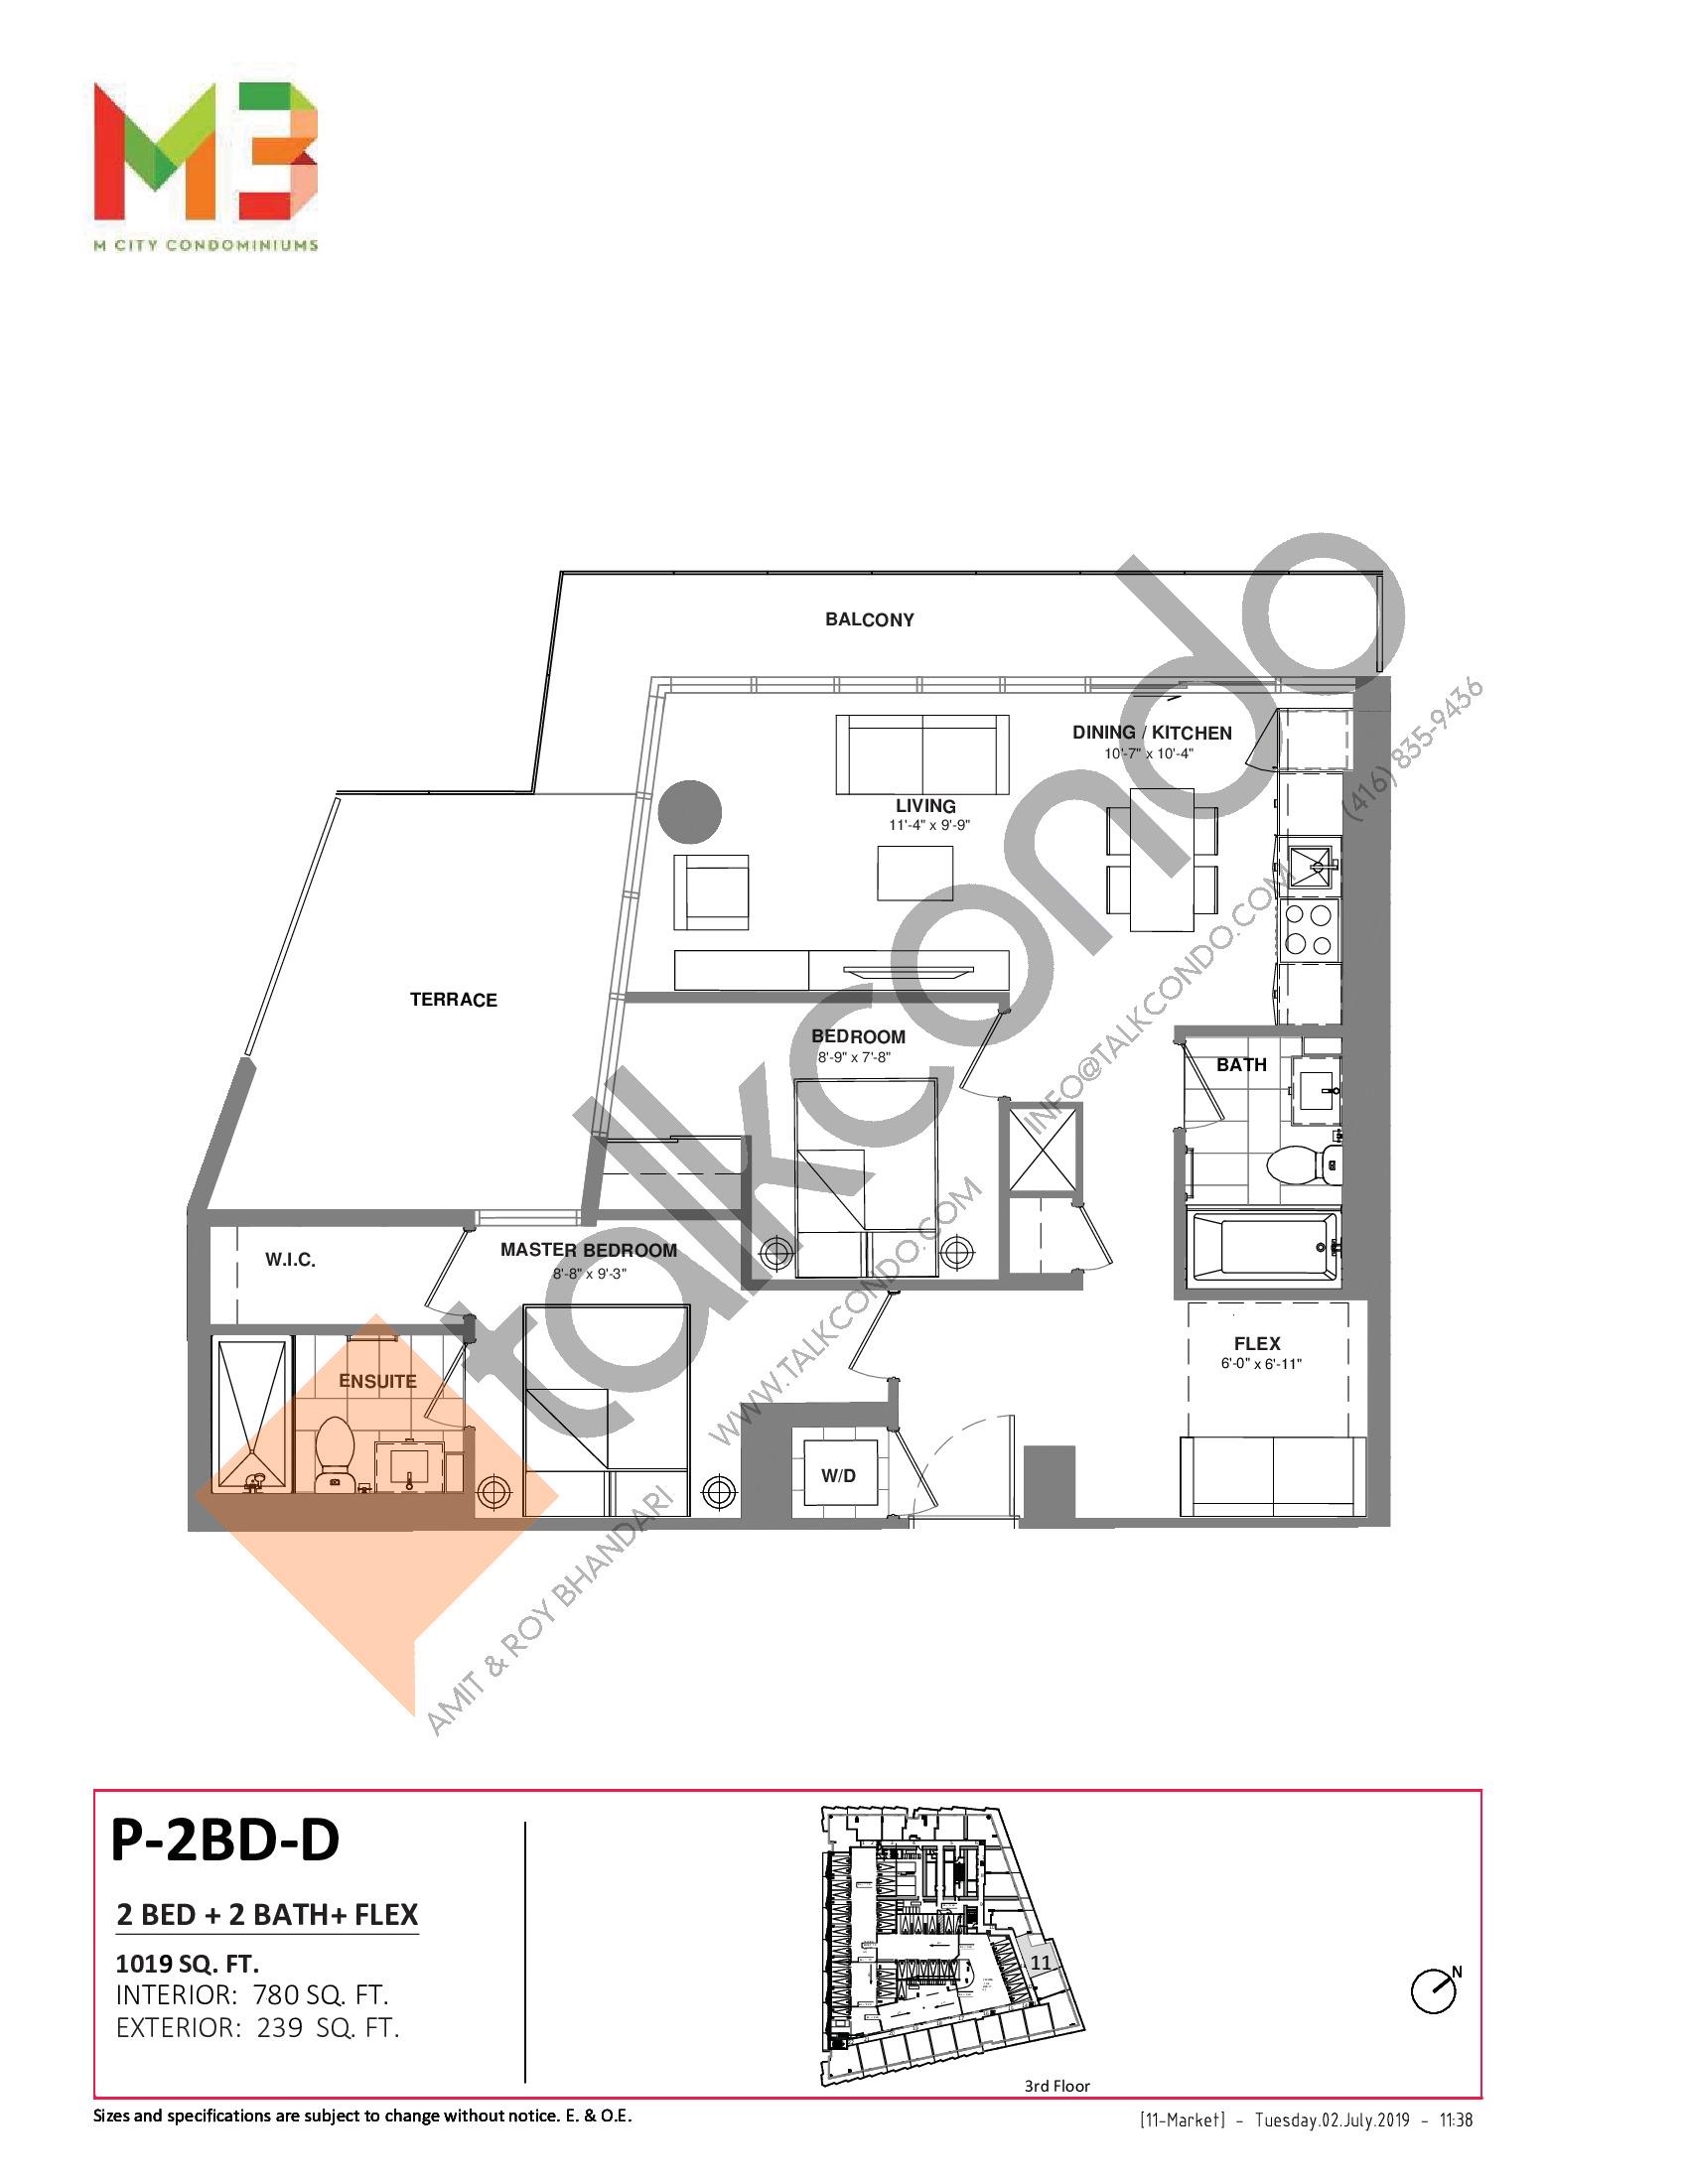 P-2BD-D Floor Plan at M3 Condos - 780 sq.ft